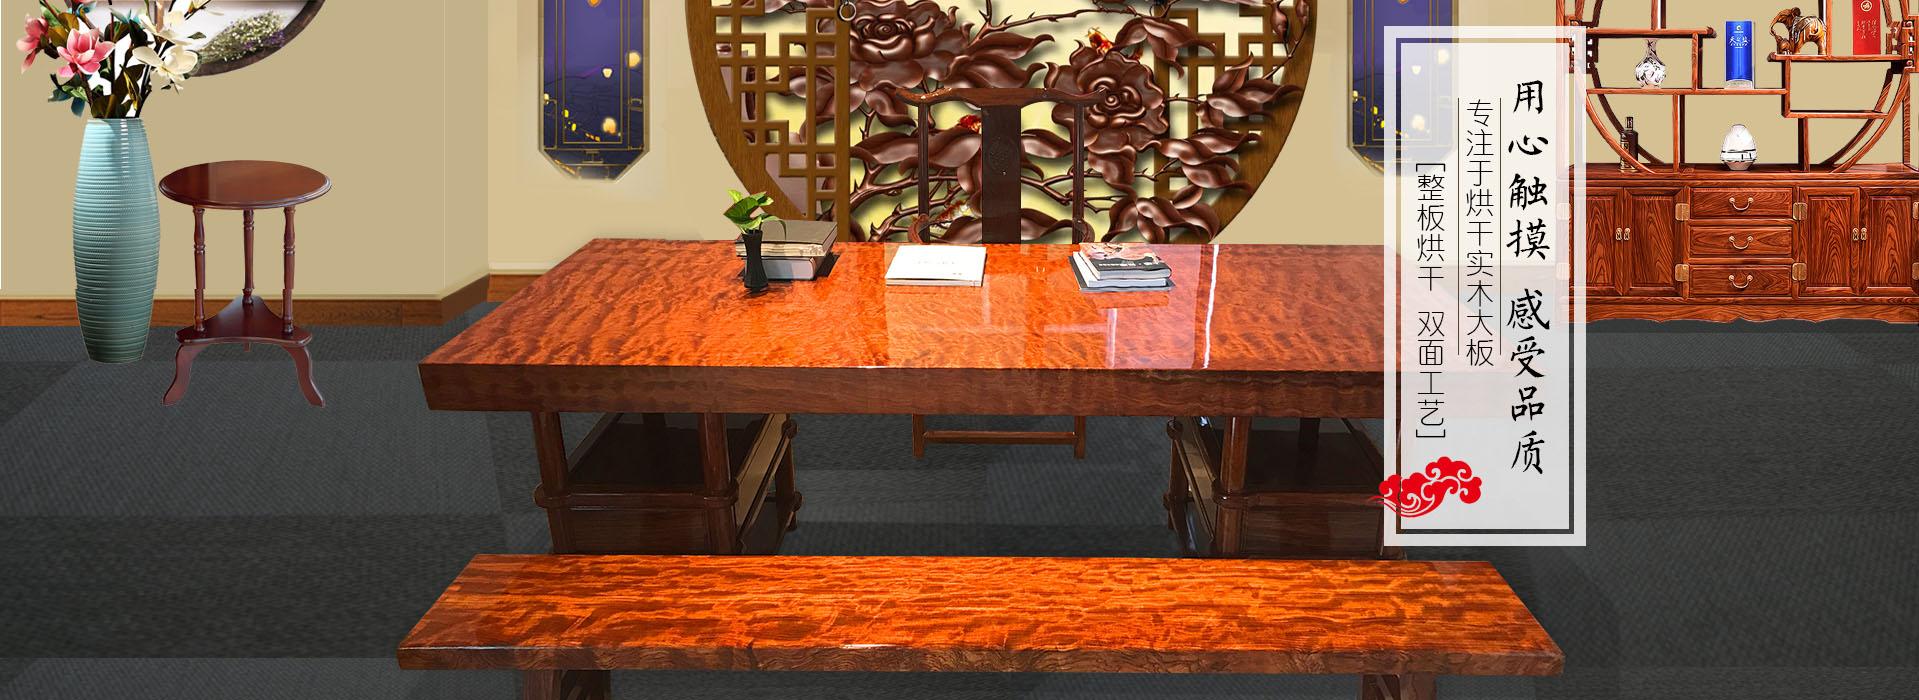 实木大板桌